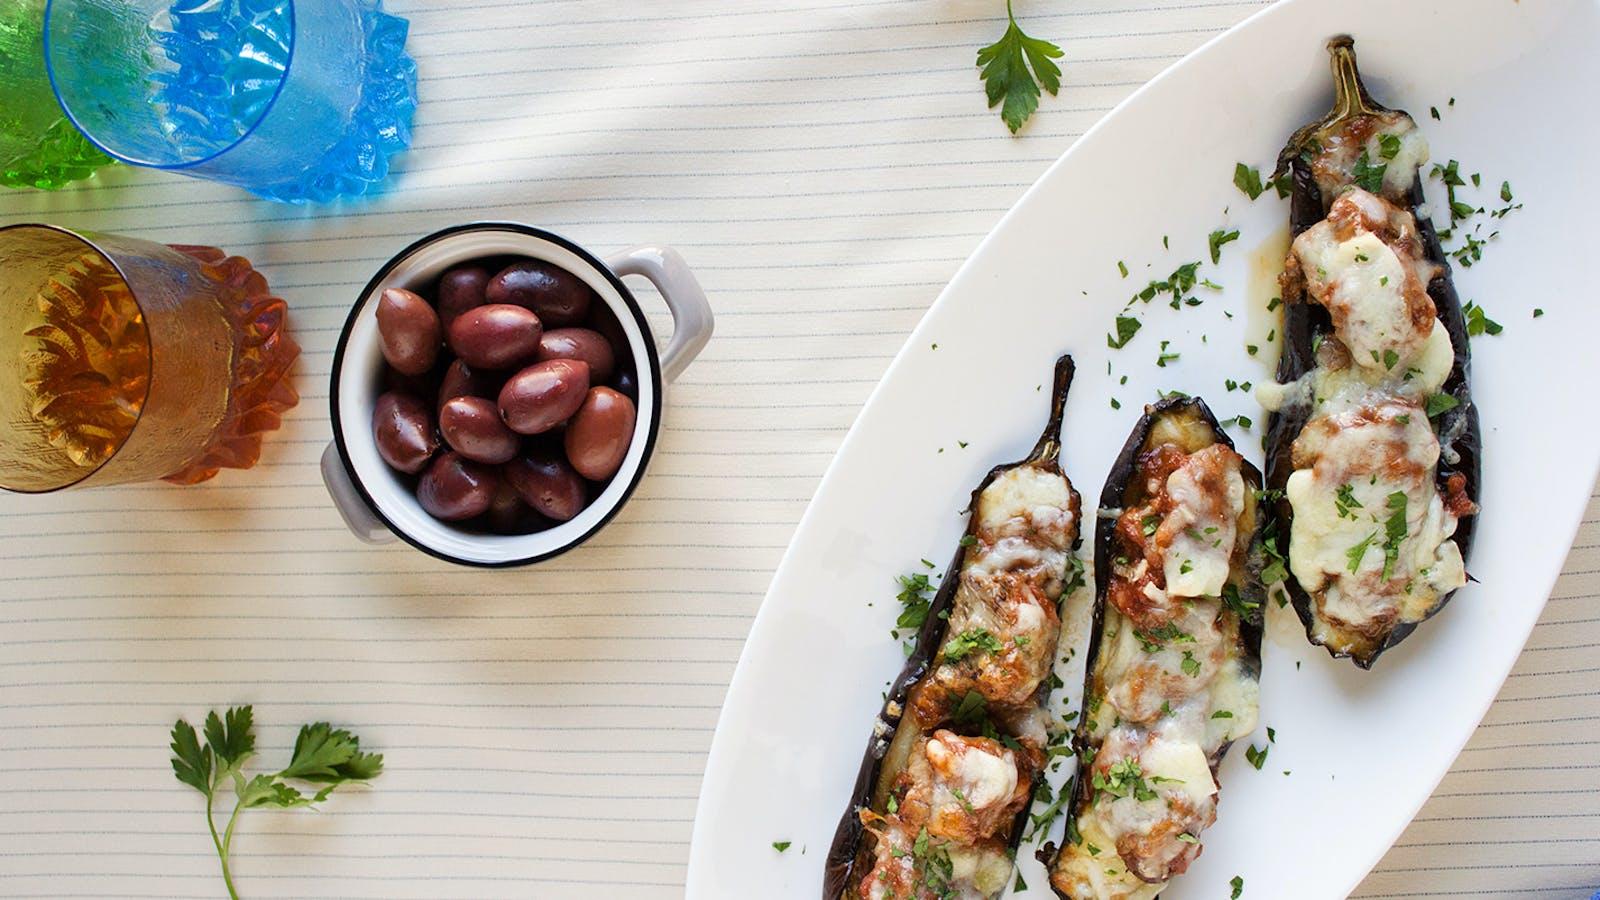 Papoutsakia eggplant recipe from Naxos